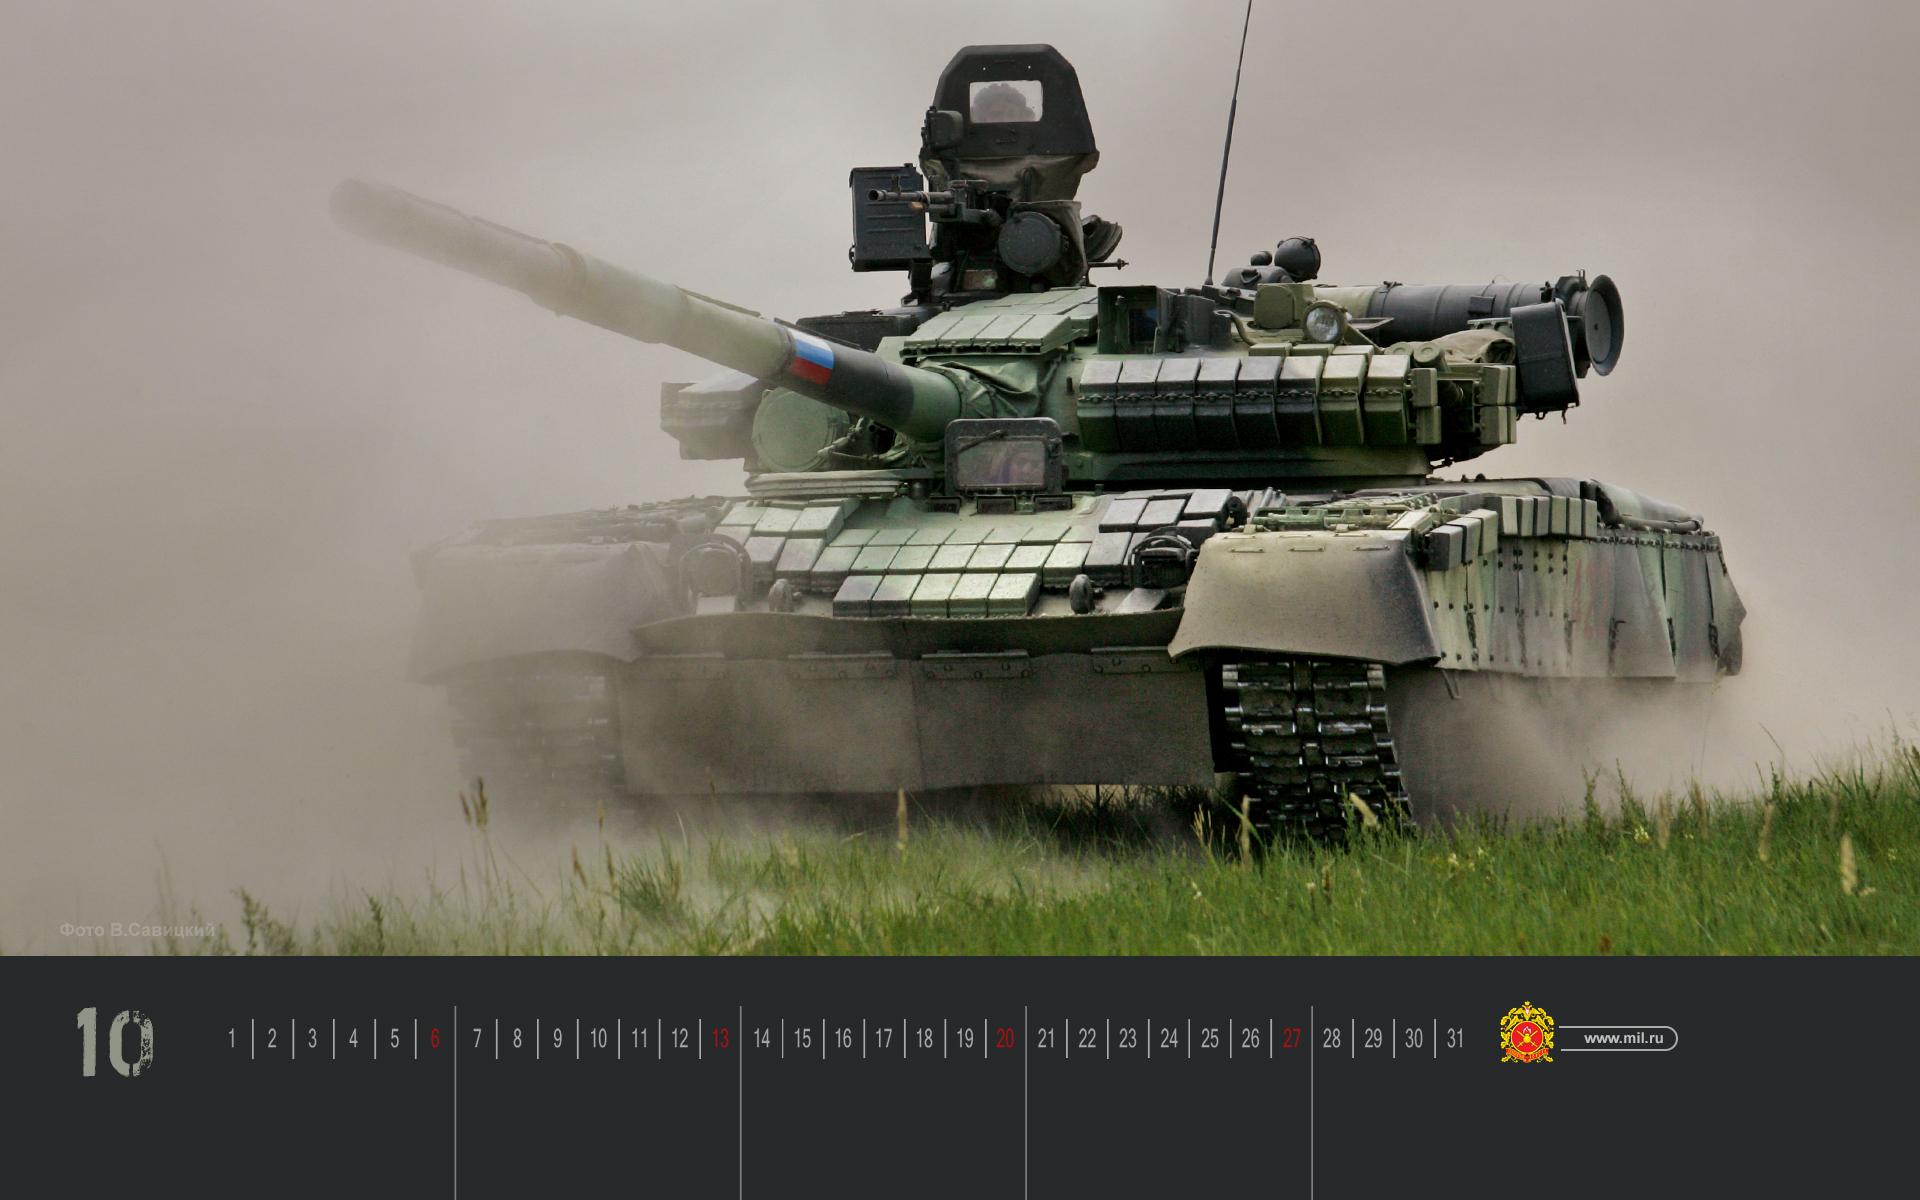 El nuevo ejército ruso... - Página 2 0_86dca_8f01fd3c_orig